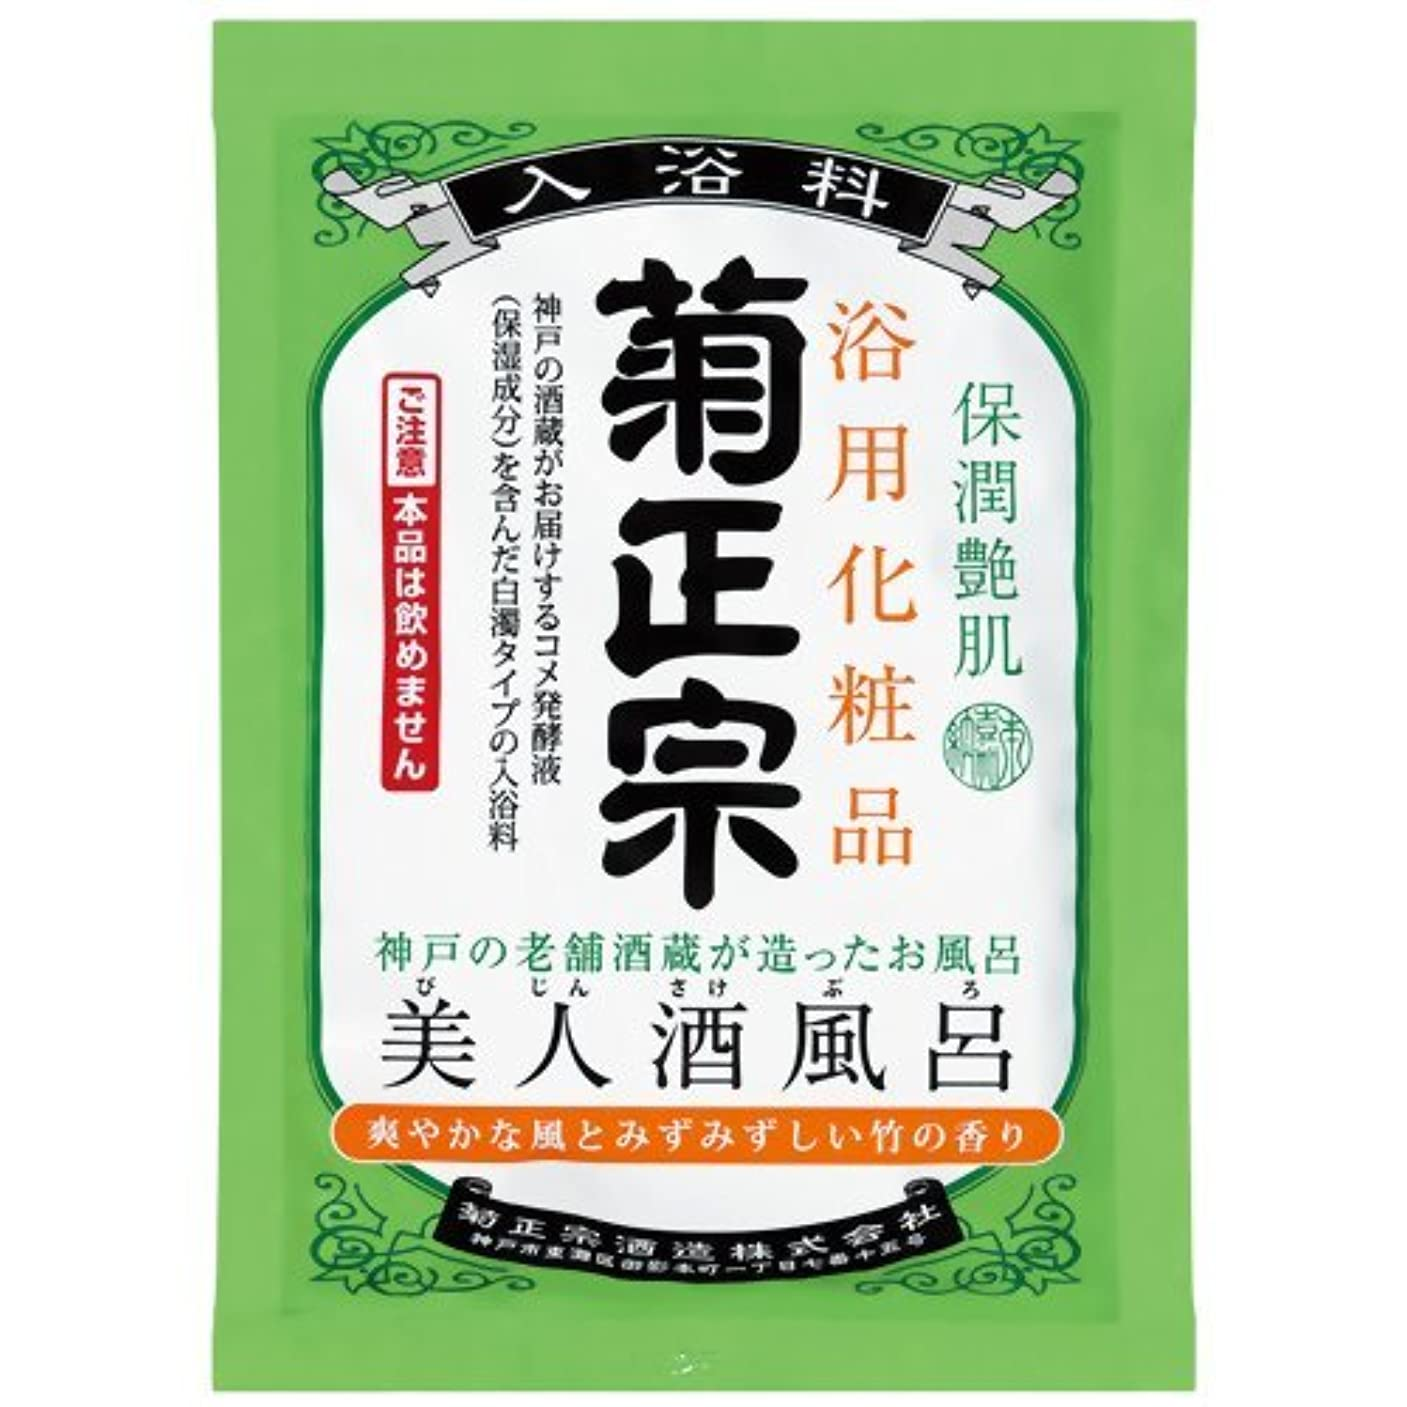 挽く蒸留する突然菊正宗 美人酒風呂 爽やかな風とみずみずしい竹の香り